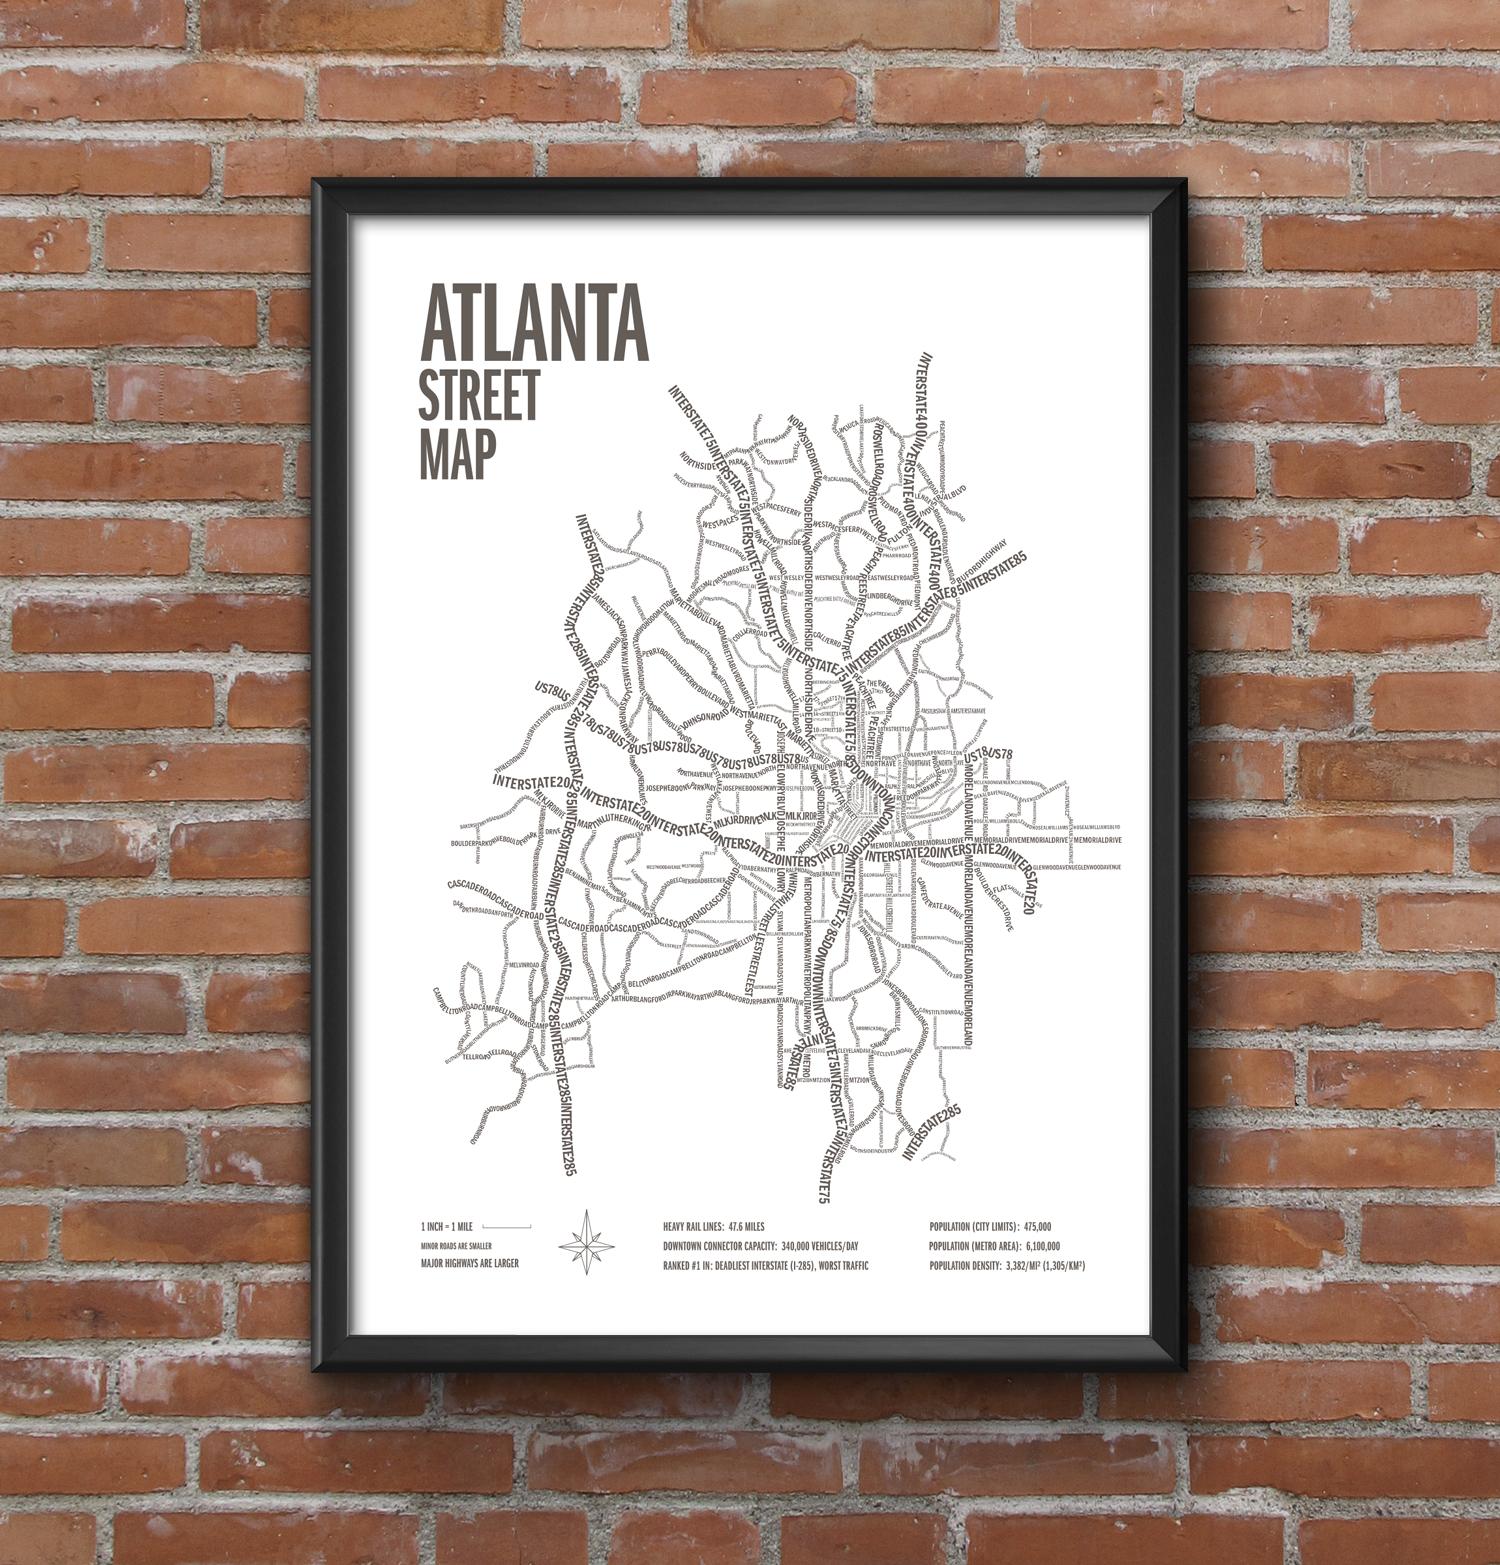 ATL_map_2015_streets-mockup.png